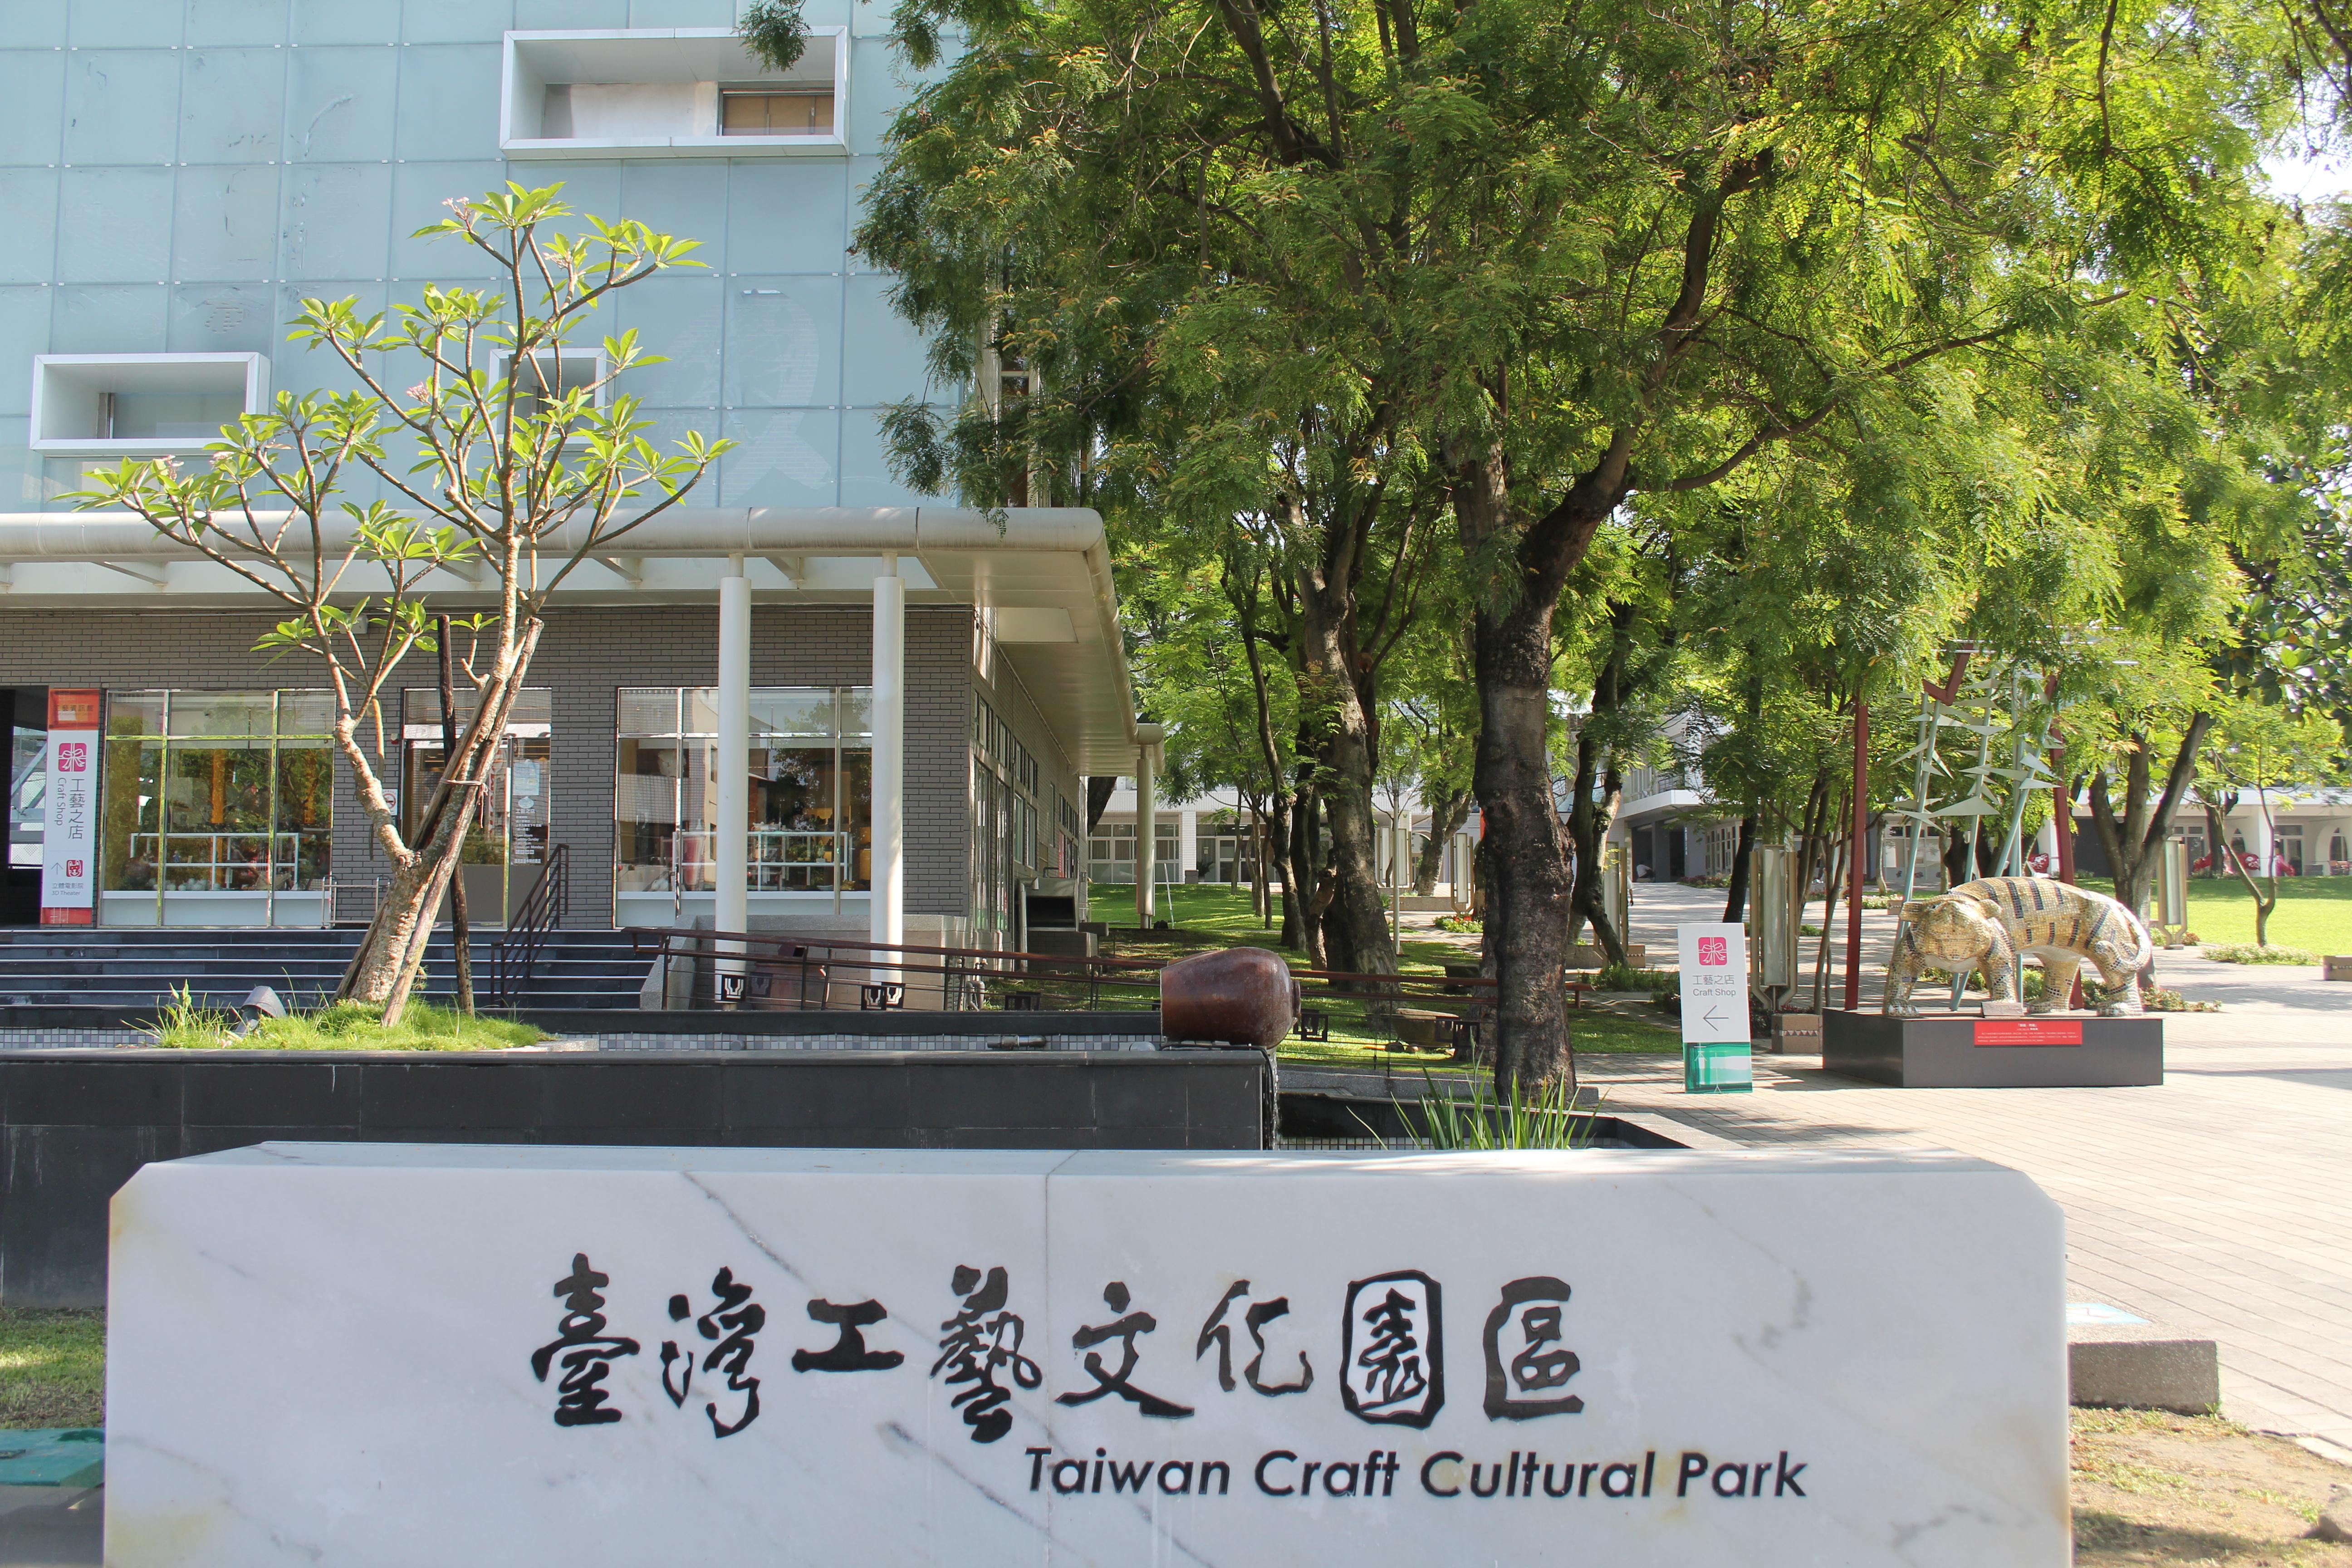 臺灣工藝文化園區照片